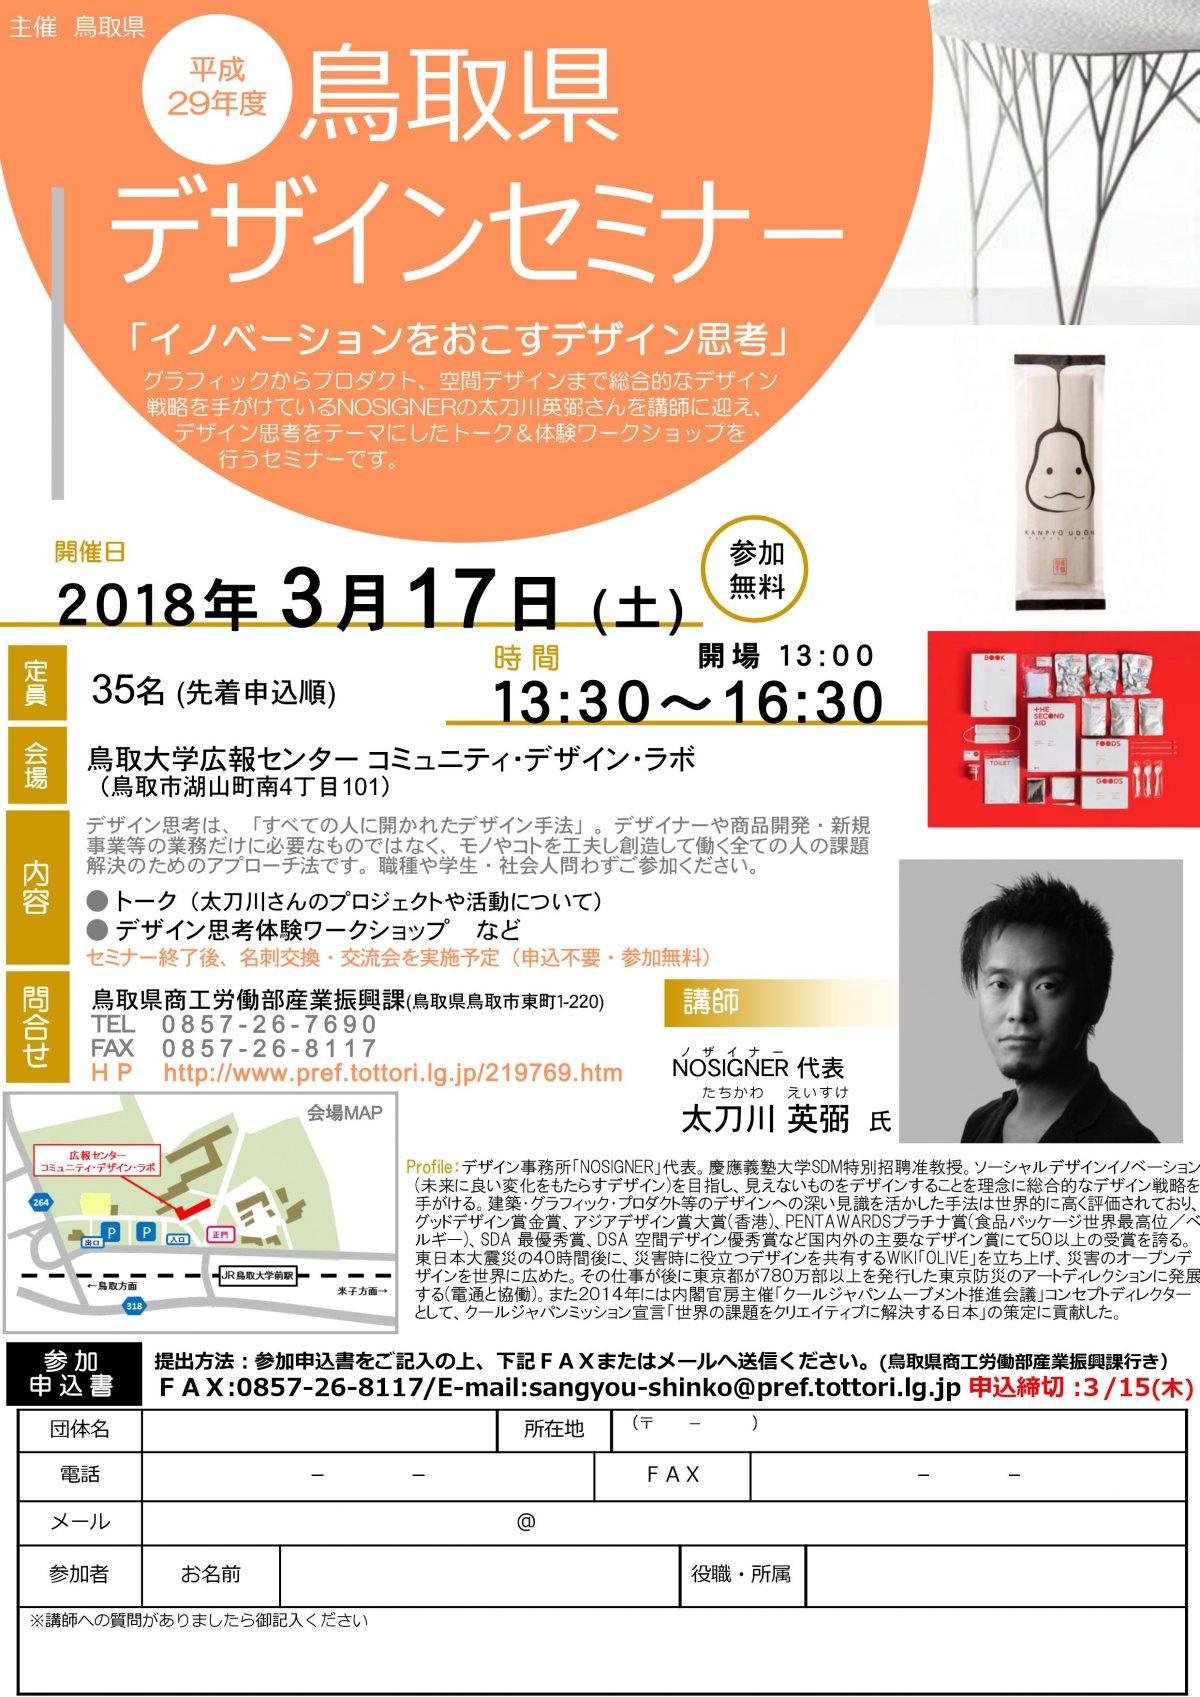 3/17 (土) 開催 ! ~平成29年度 デザインセミナーのお知らせ~